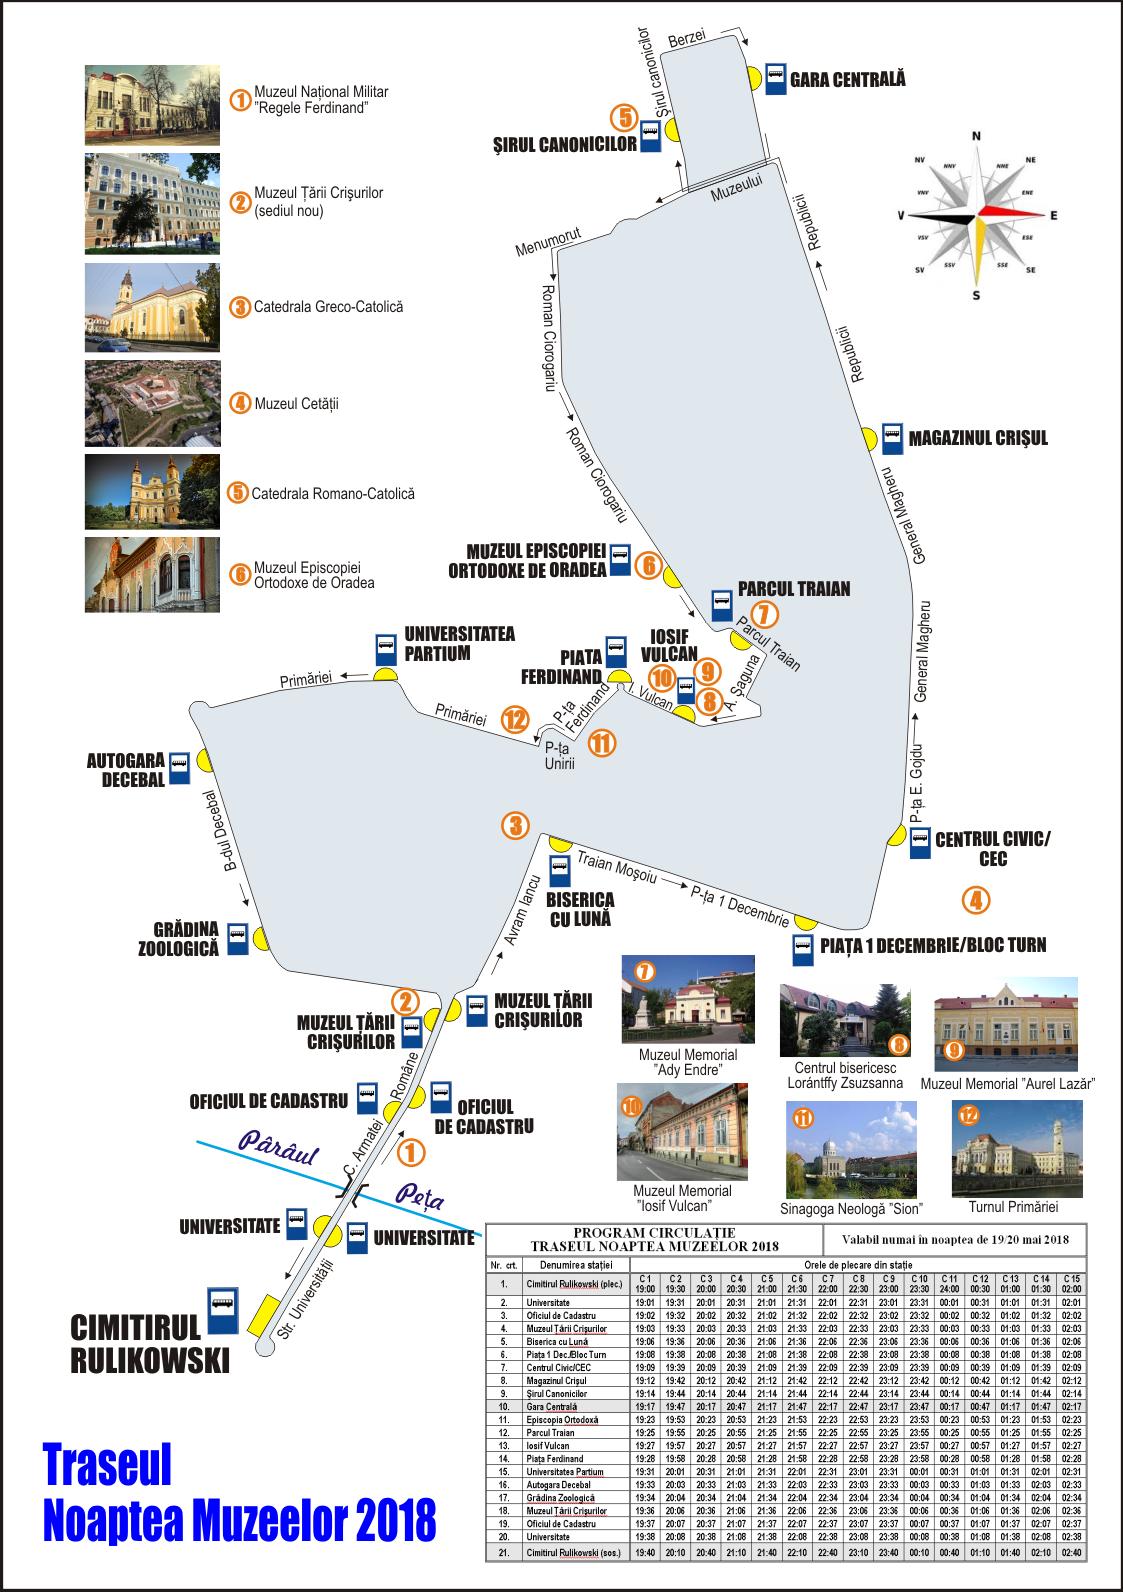 Traseu autobuze oradea Noaptea muzeelor 2018 cu program de circulatie